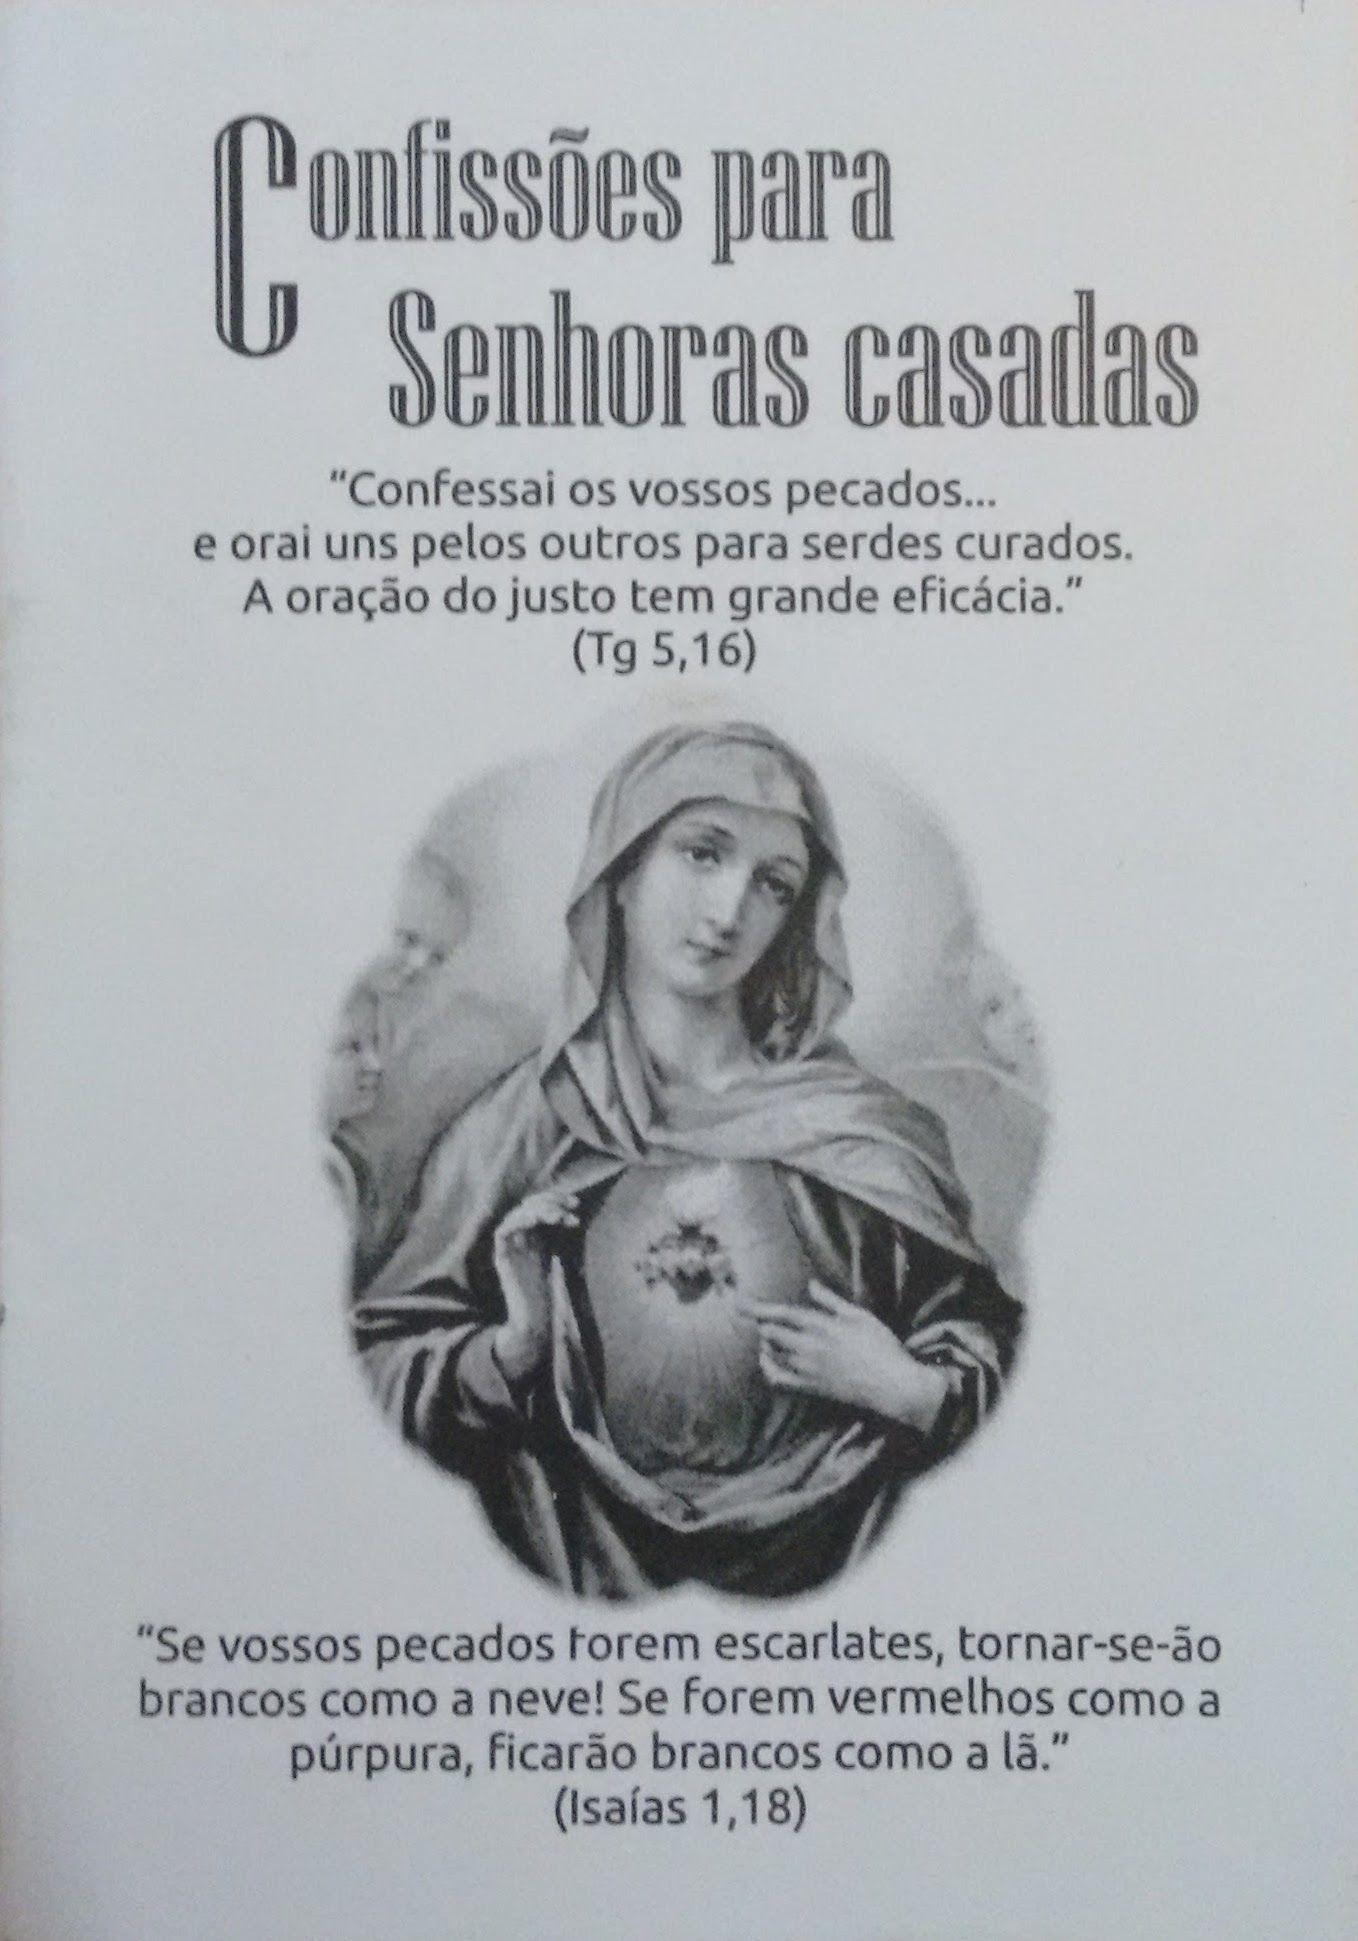 Confissões para Senhoras Casadas  - Livraria Santa Cruz